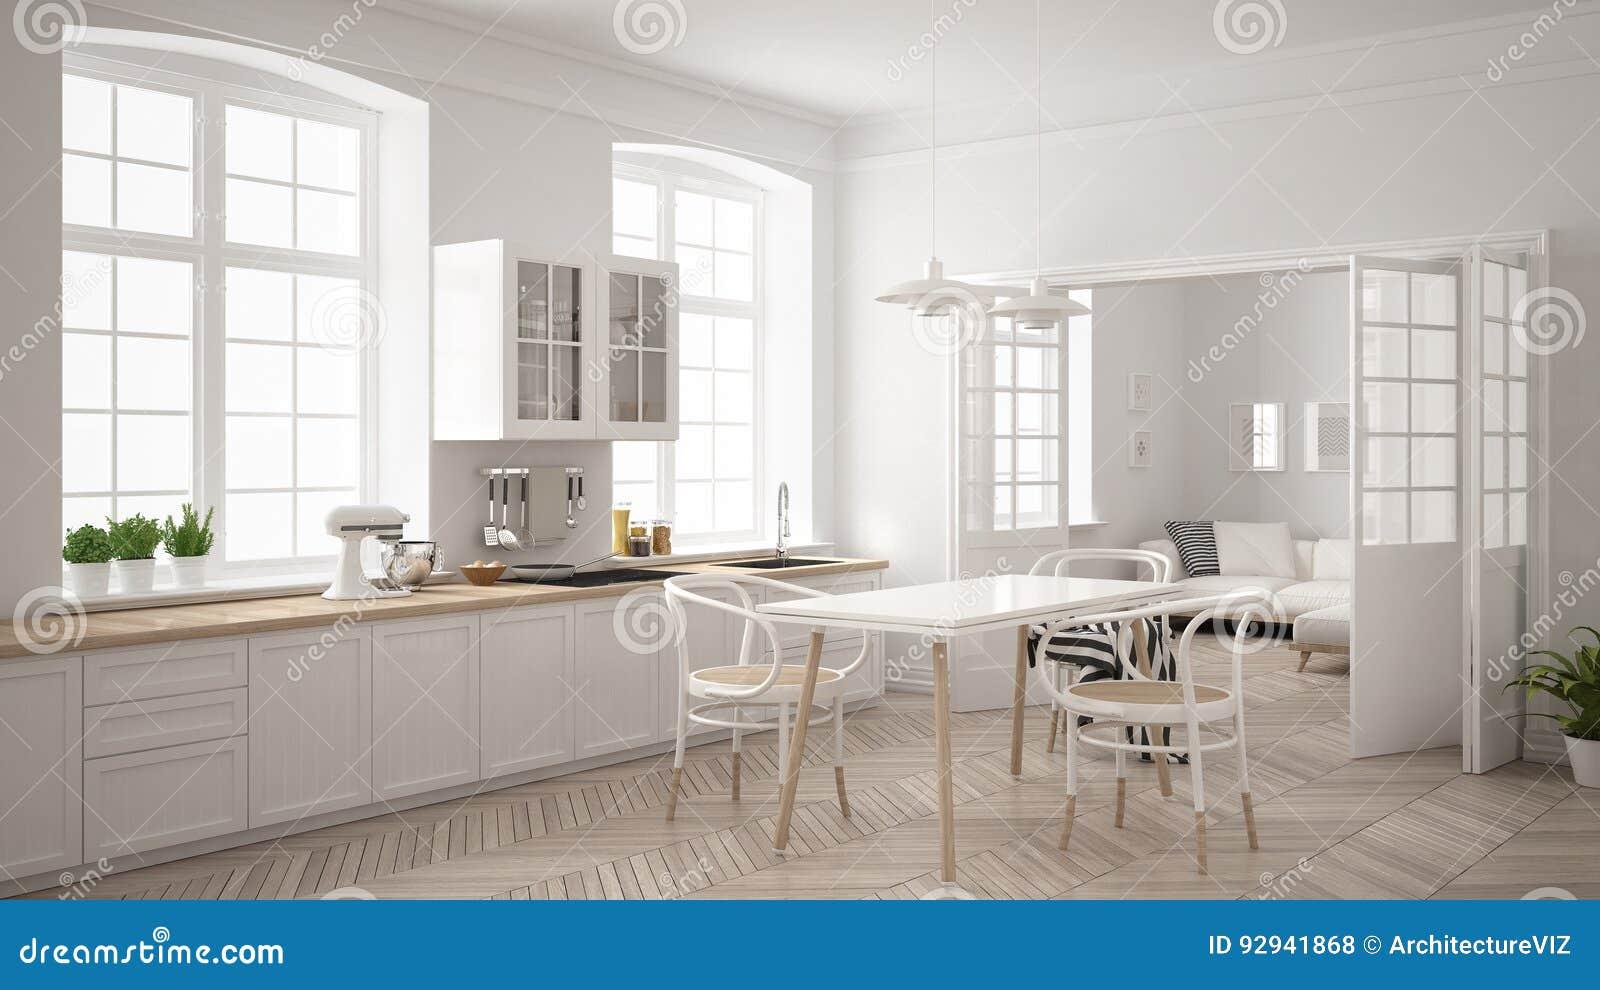 Unbedeutende Skandinavische Weisse Kuche Mit Wohnzimmer Im Ba